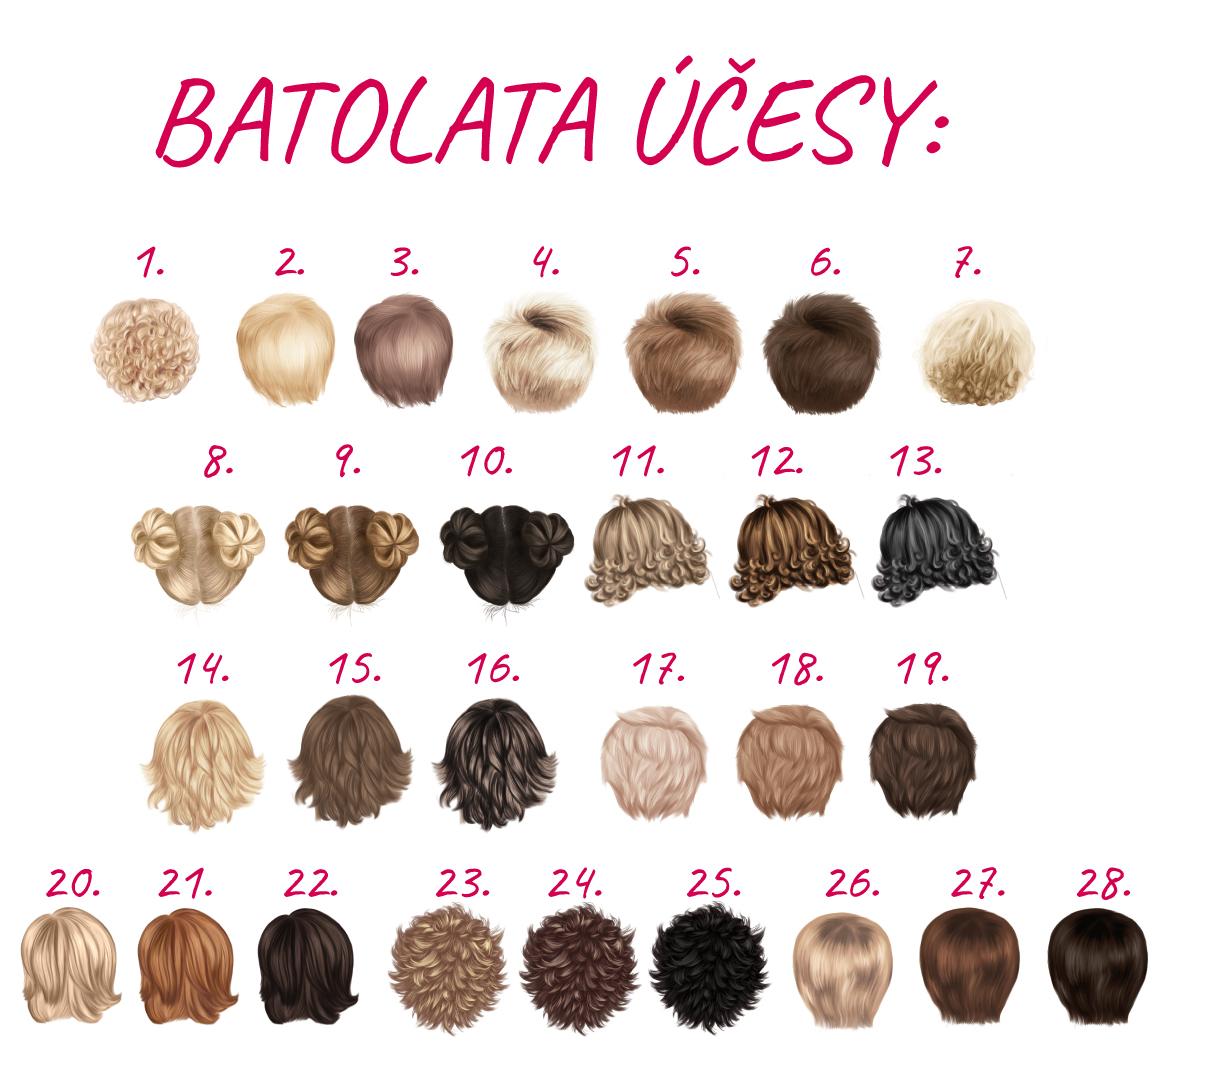 batole-ucesy-edit-elen_1